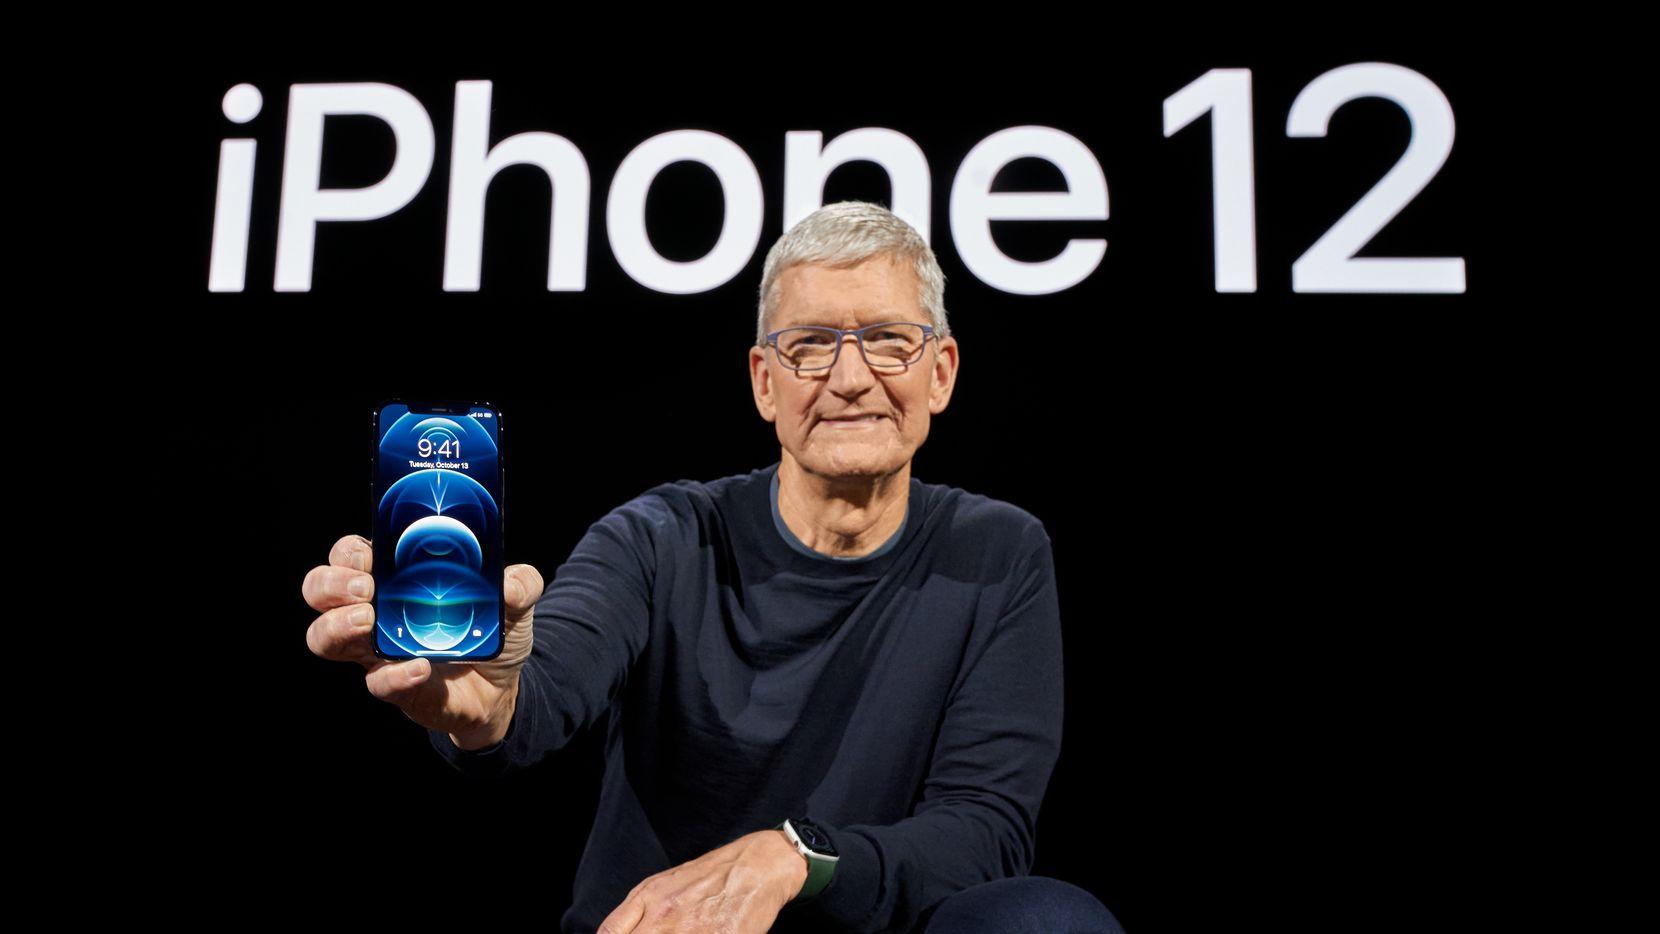 Tim Cook muestra el nuevo iPhone 12 que se ofrece sin costo a los clientes de AT&T.